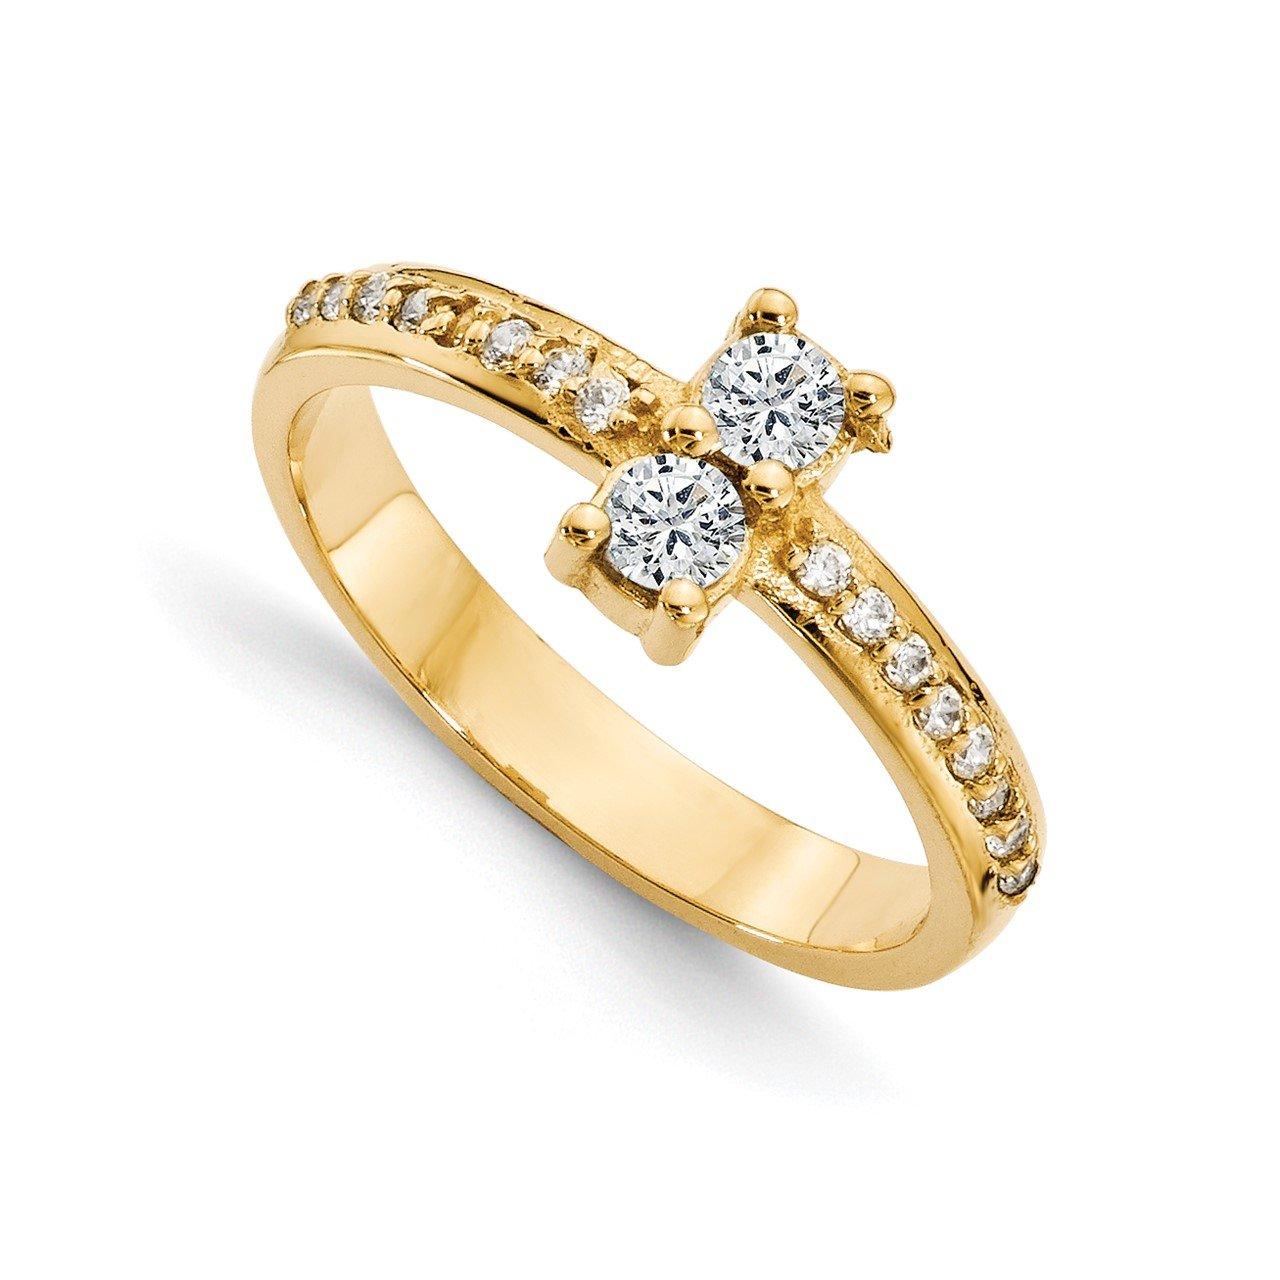 14ky AAA Diamond 2-stone Ring Semi-Mount - 4.8 mm center stones